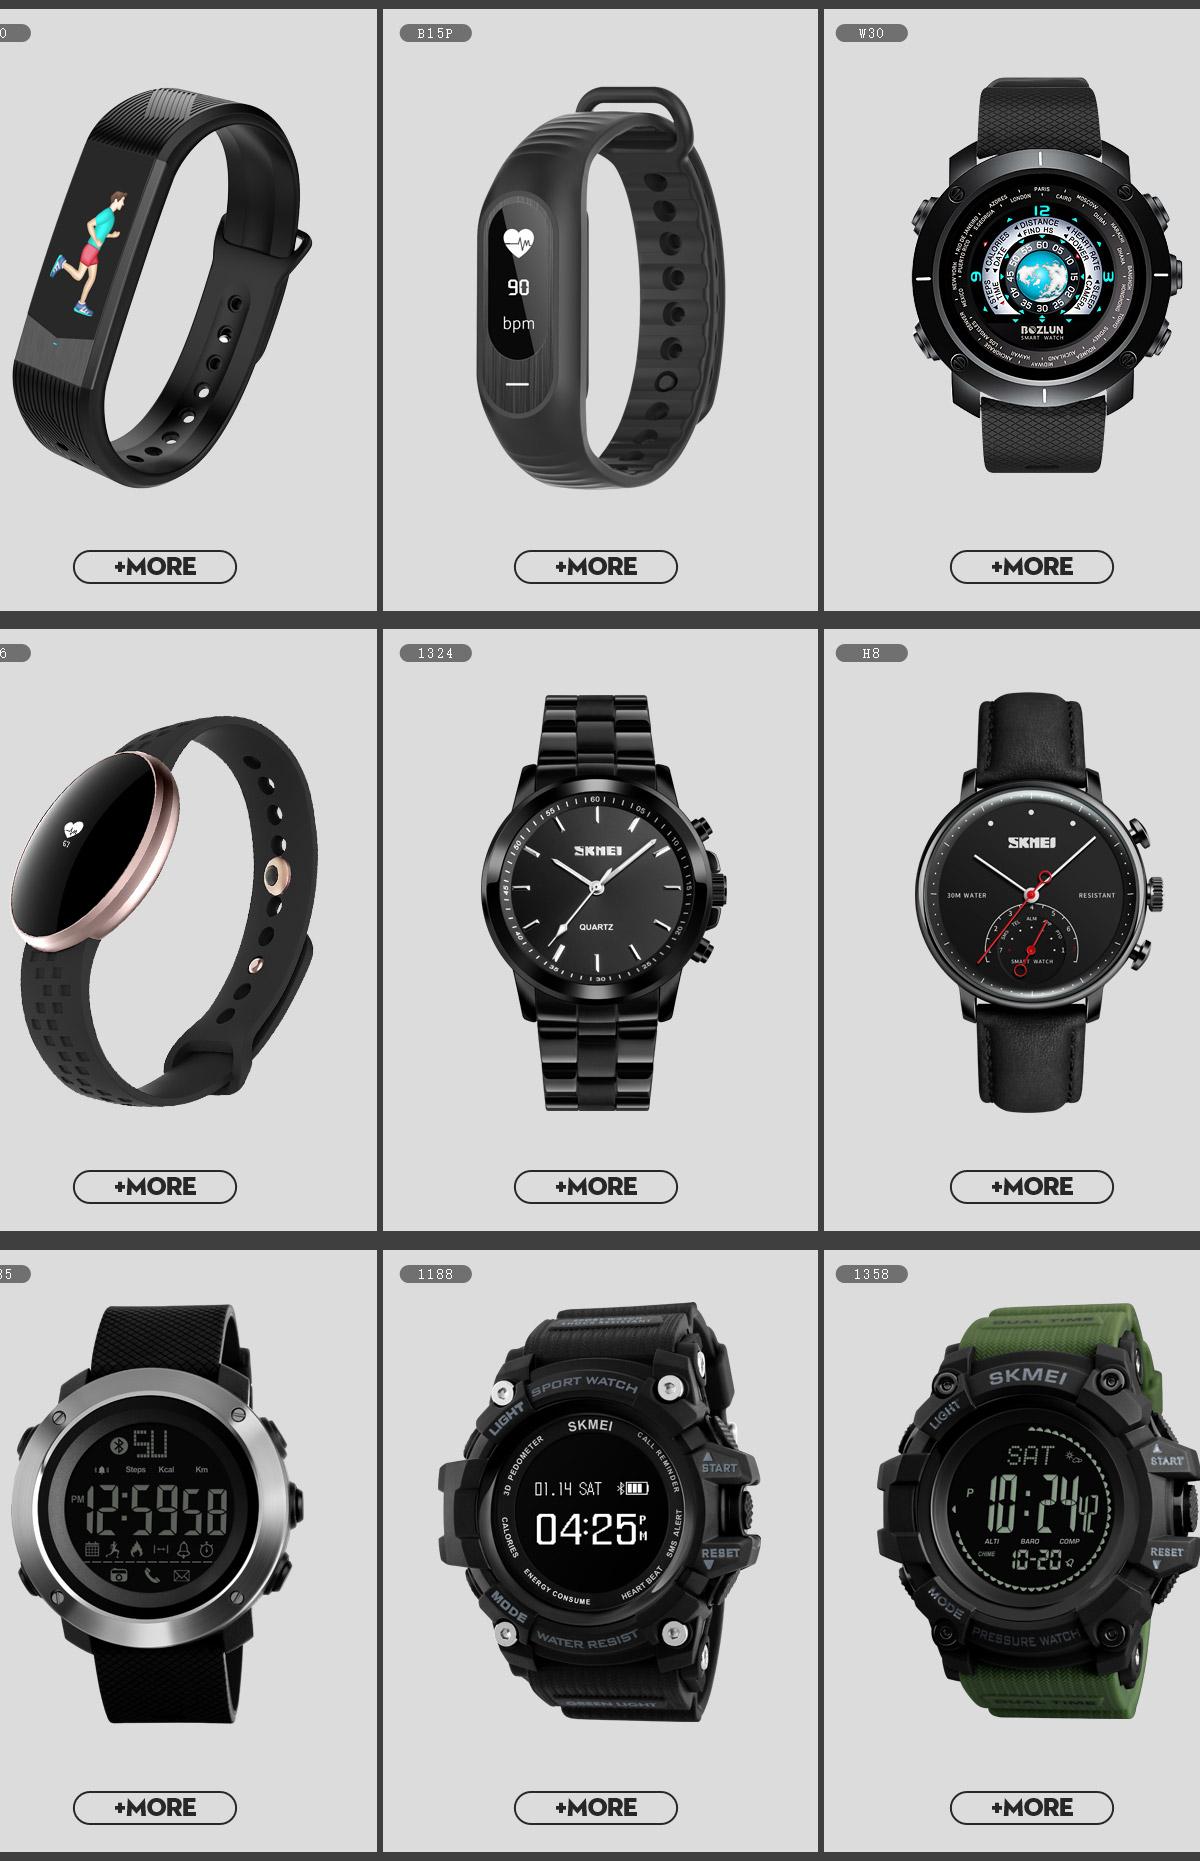 Guangzhou Skmei Watch Co Ltd Wristwatches Digital Jam Tangan Wanita 1108 Black Water Resistant 50m Multi Language Sites